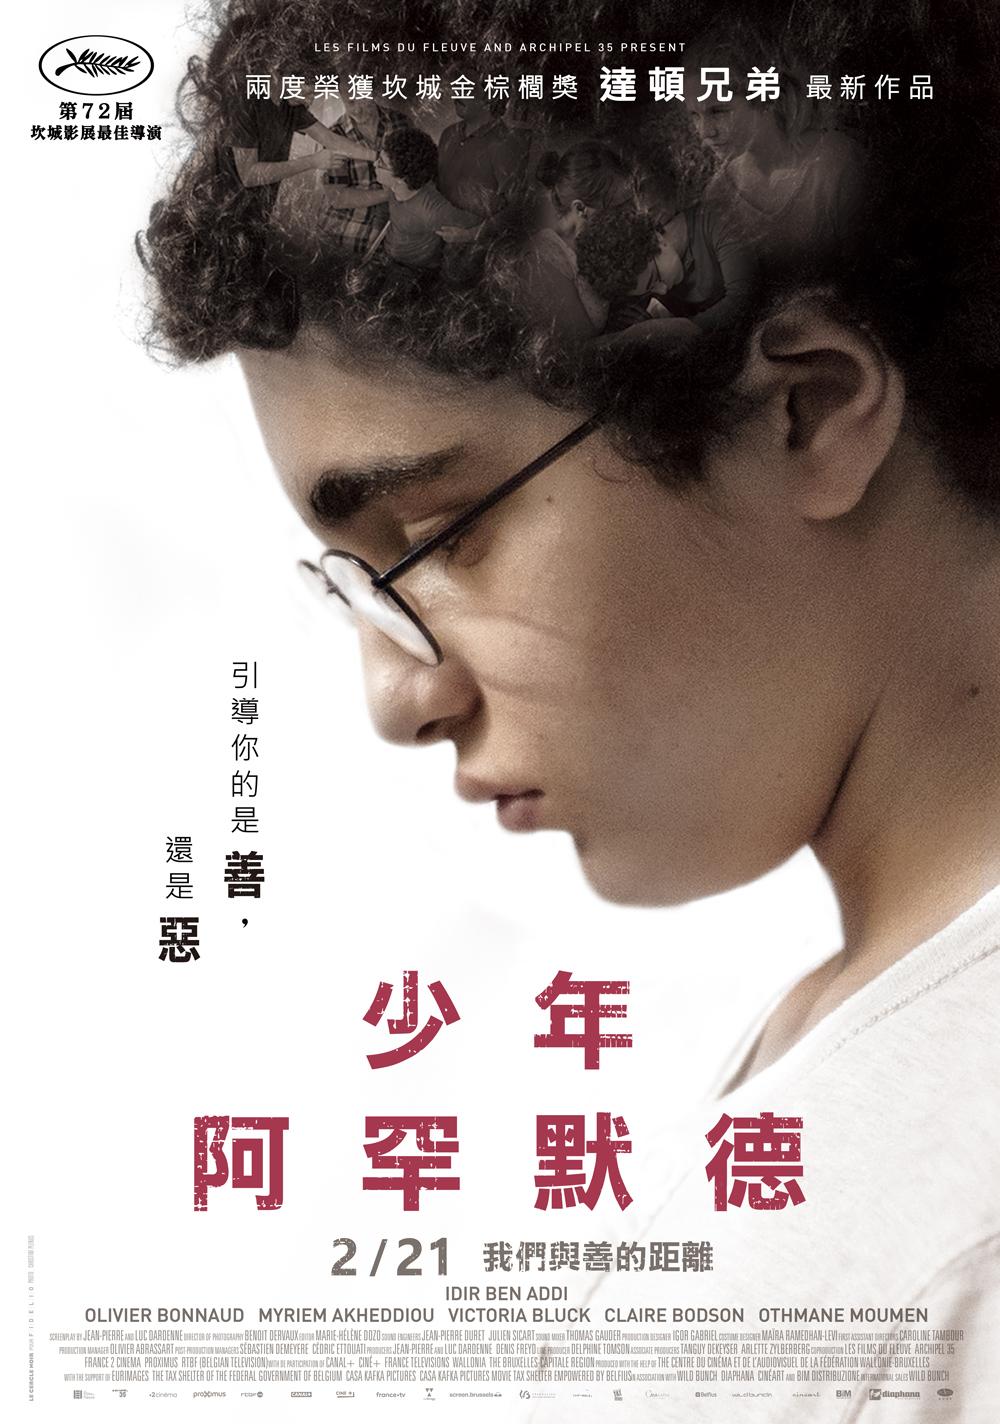 達頓兄弟導演作品《少年阿罕默德》台灣版電影海報。